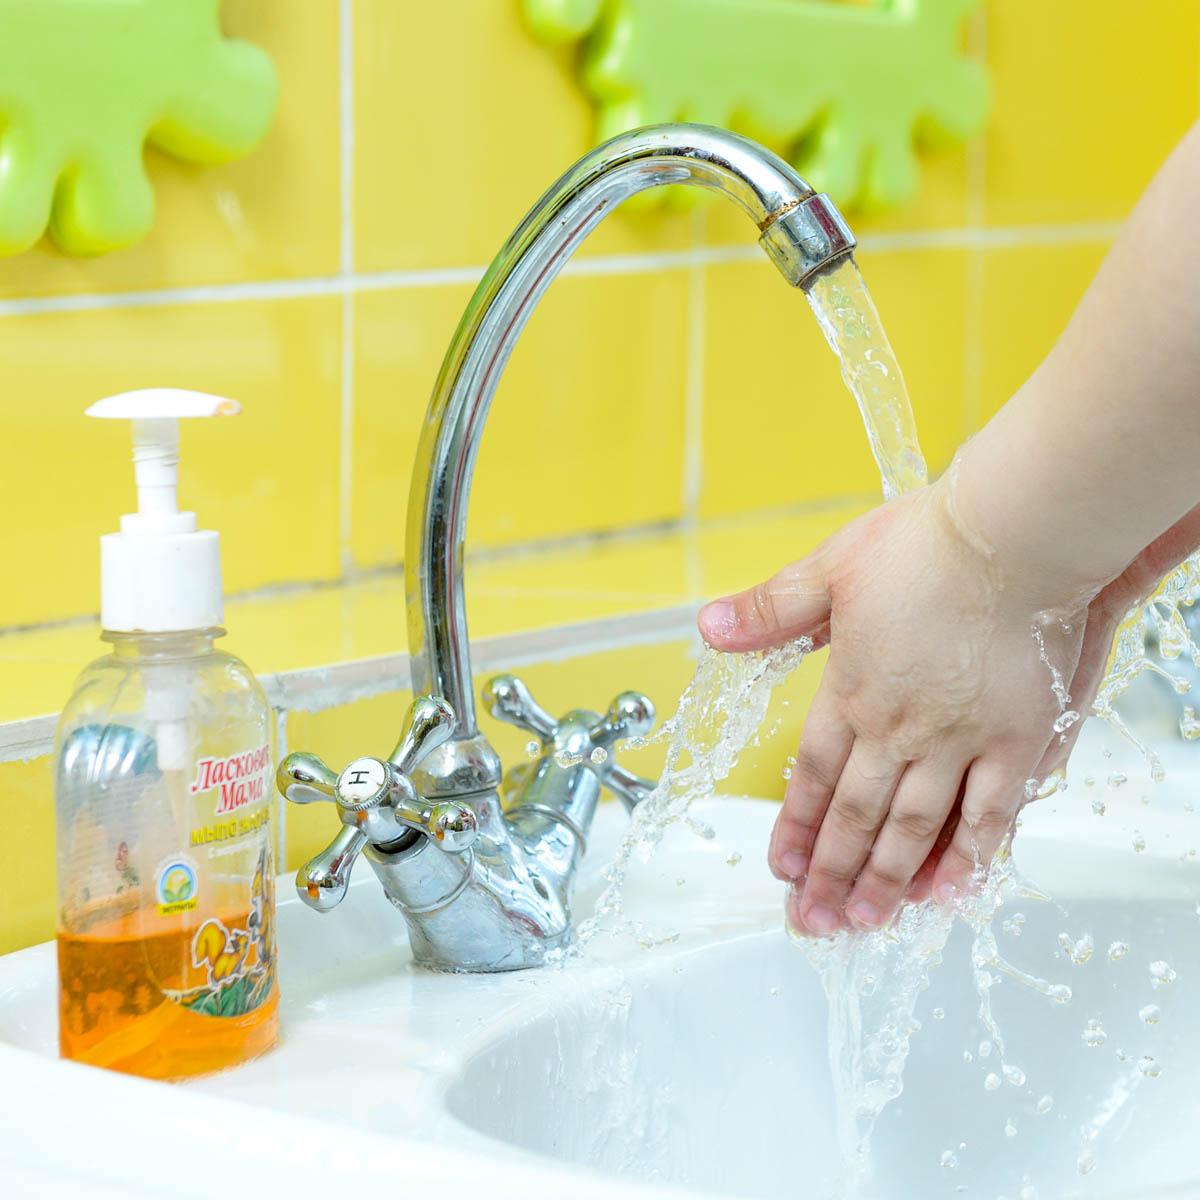 Картинка для детей мытье рук